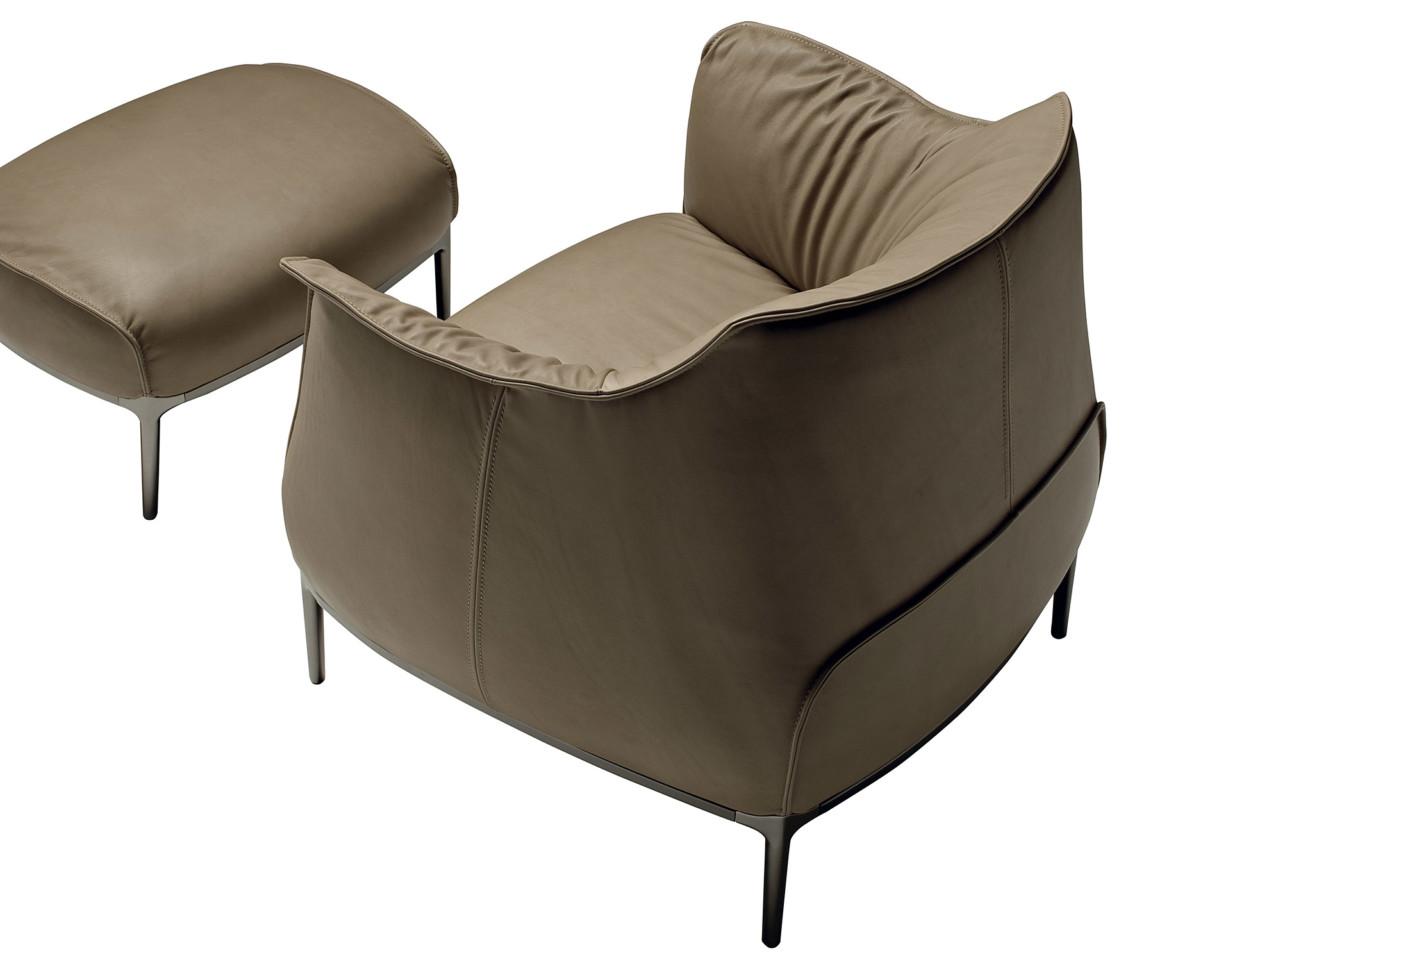 Archibald armchair by Poltrona Frau | STYLEPARK